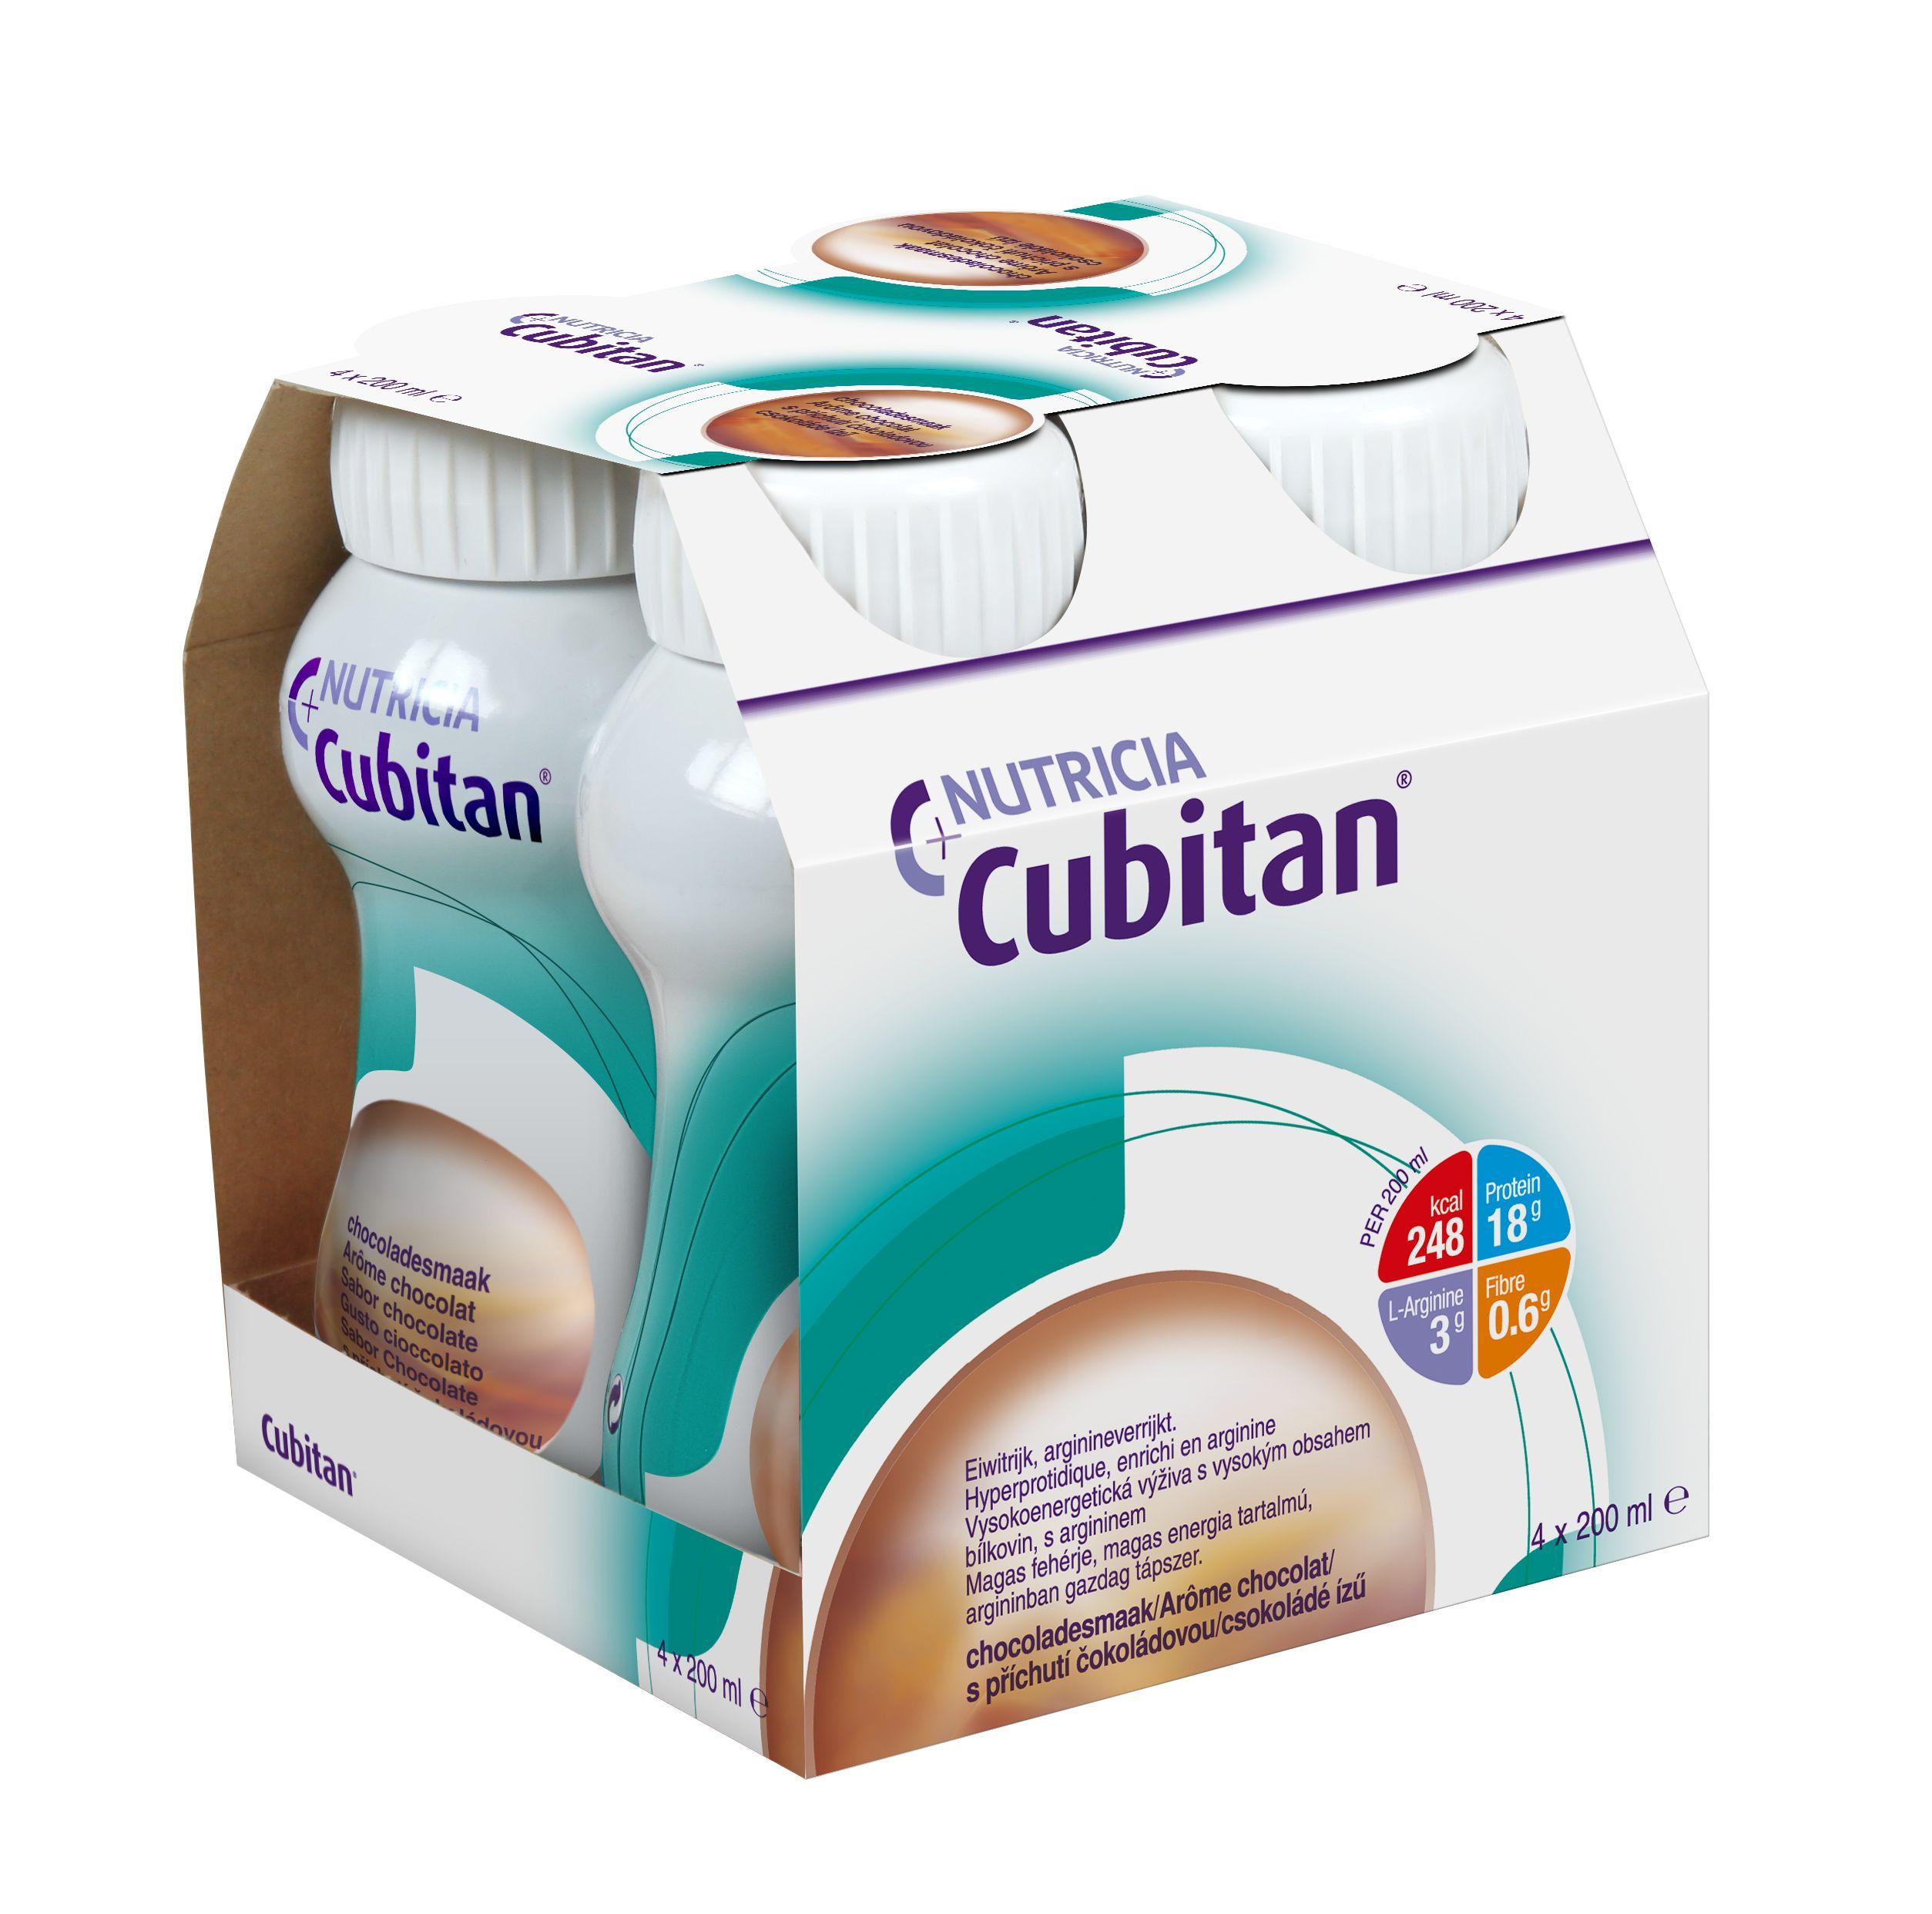 Cubitan S příchutí čokoládovou 4x200ml 4x200 ml